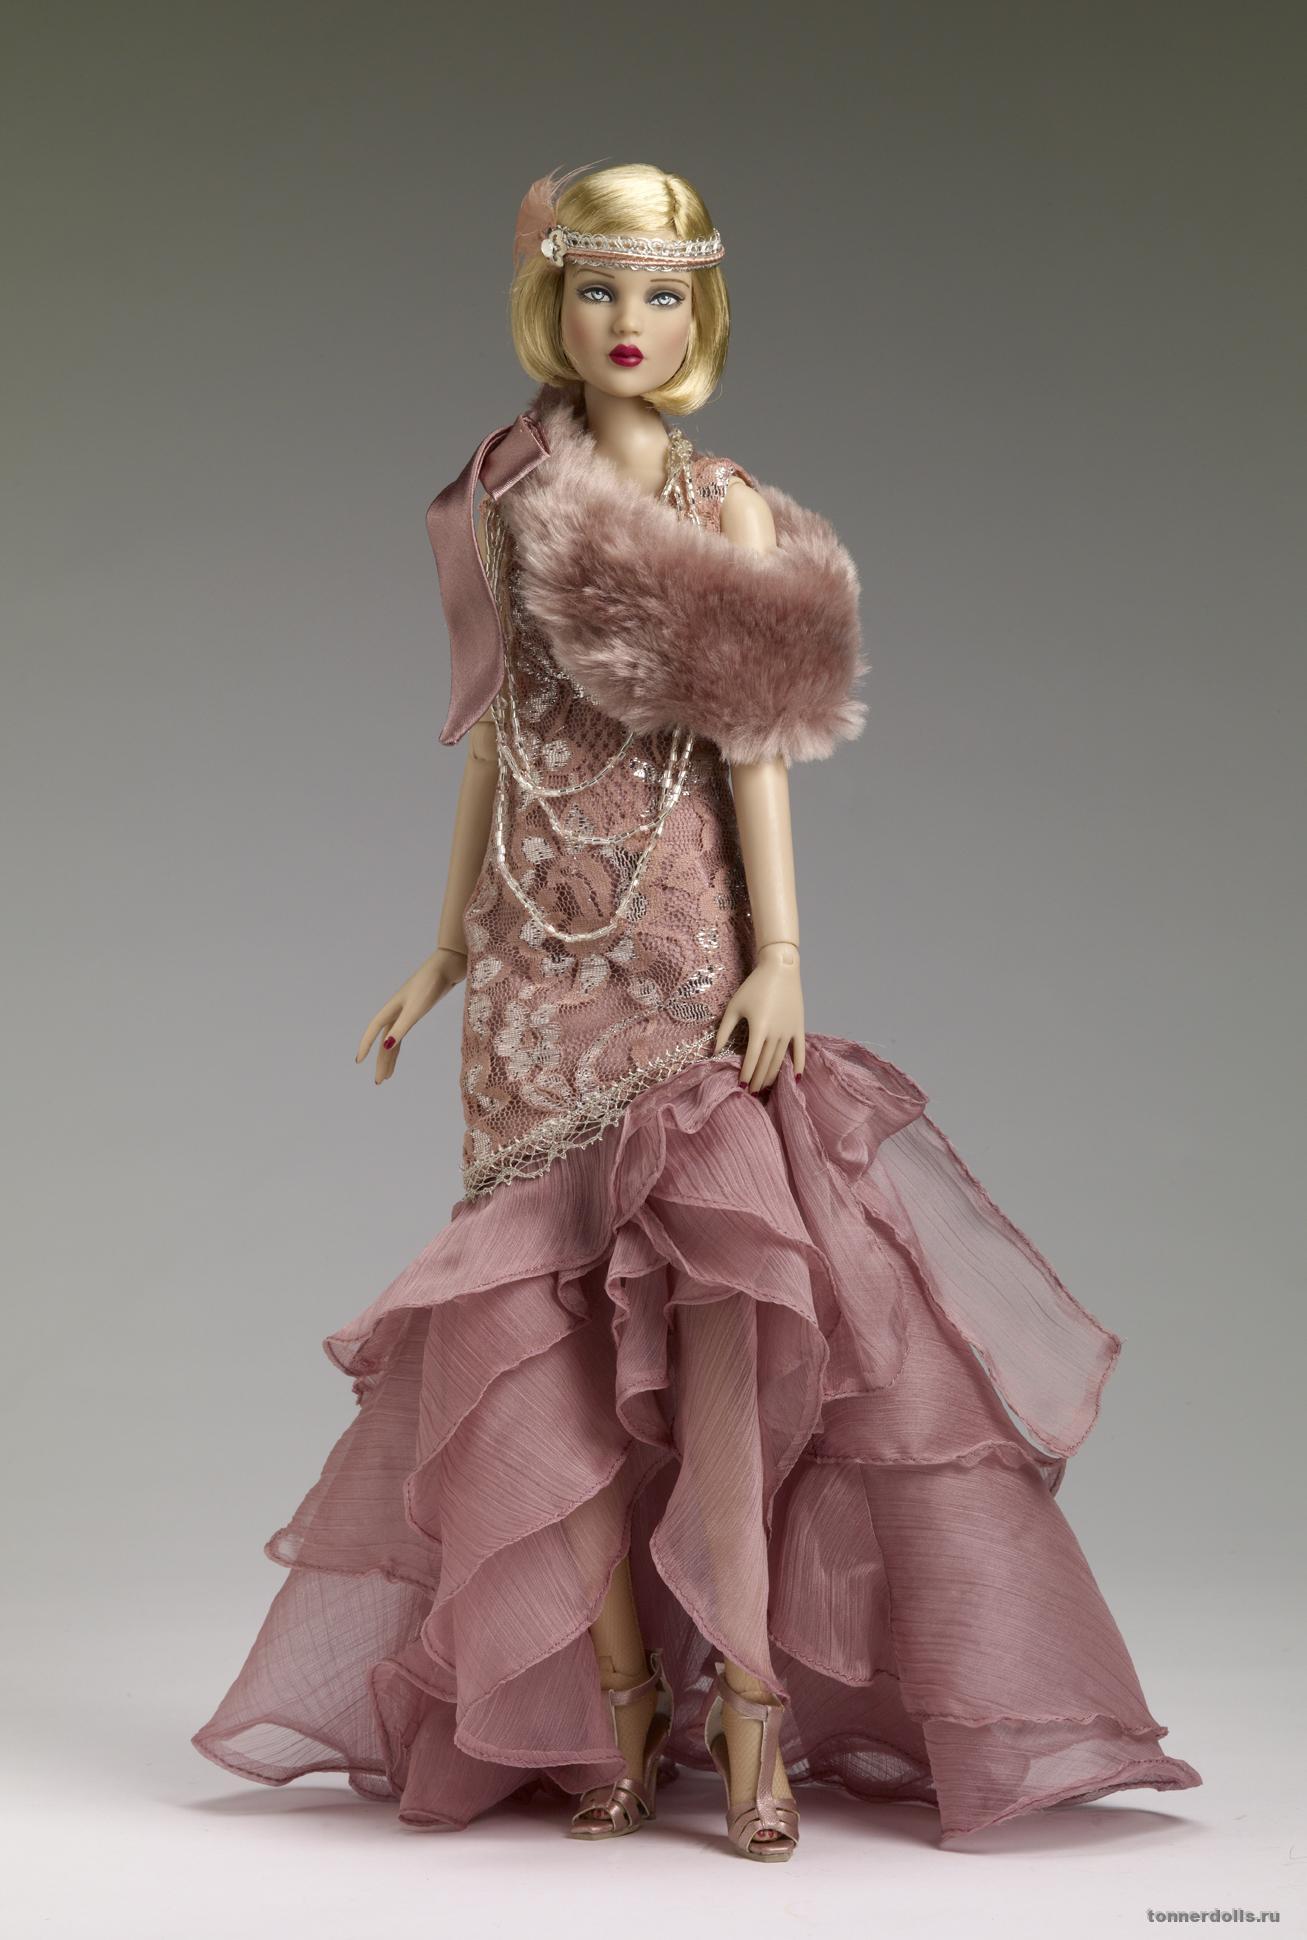 Explore Your Future Mt. San Antonio College Doll fashion by alana